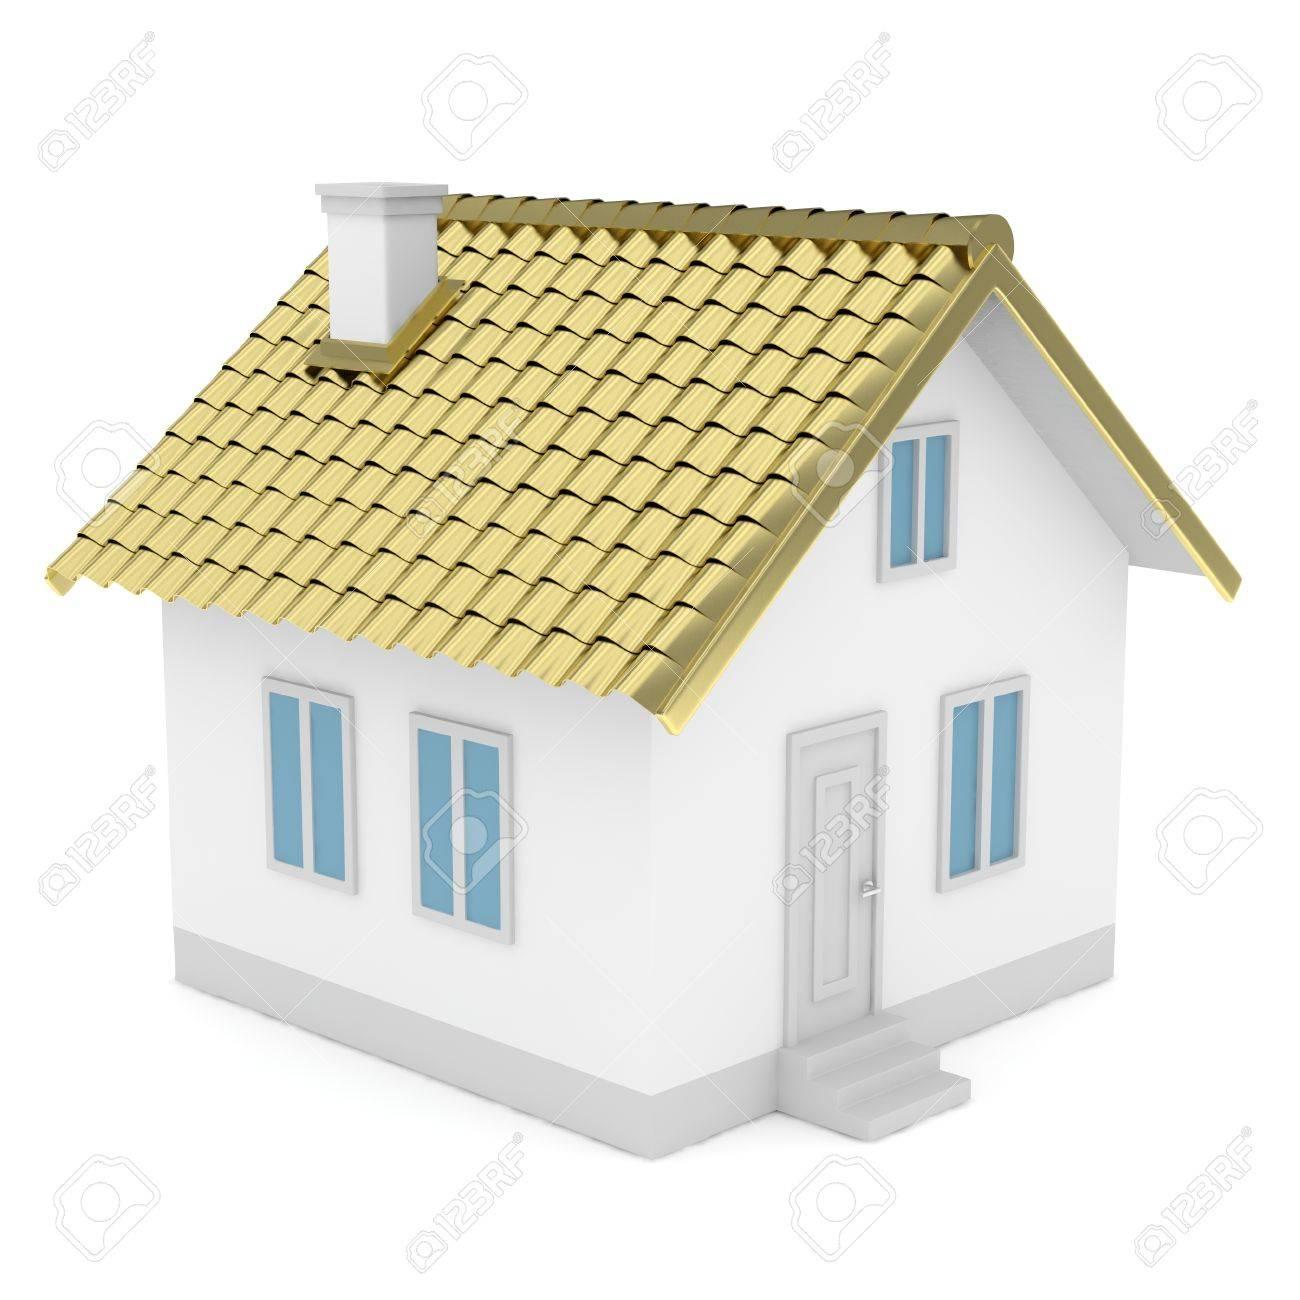 fonds d'investissement dans l'immobilier